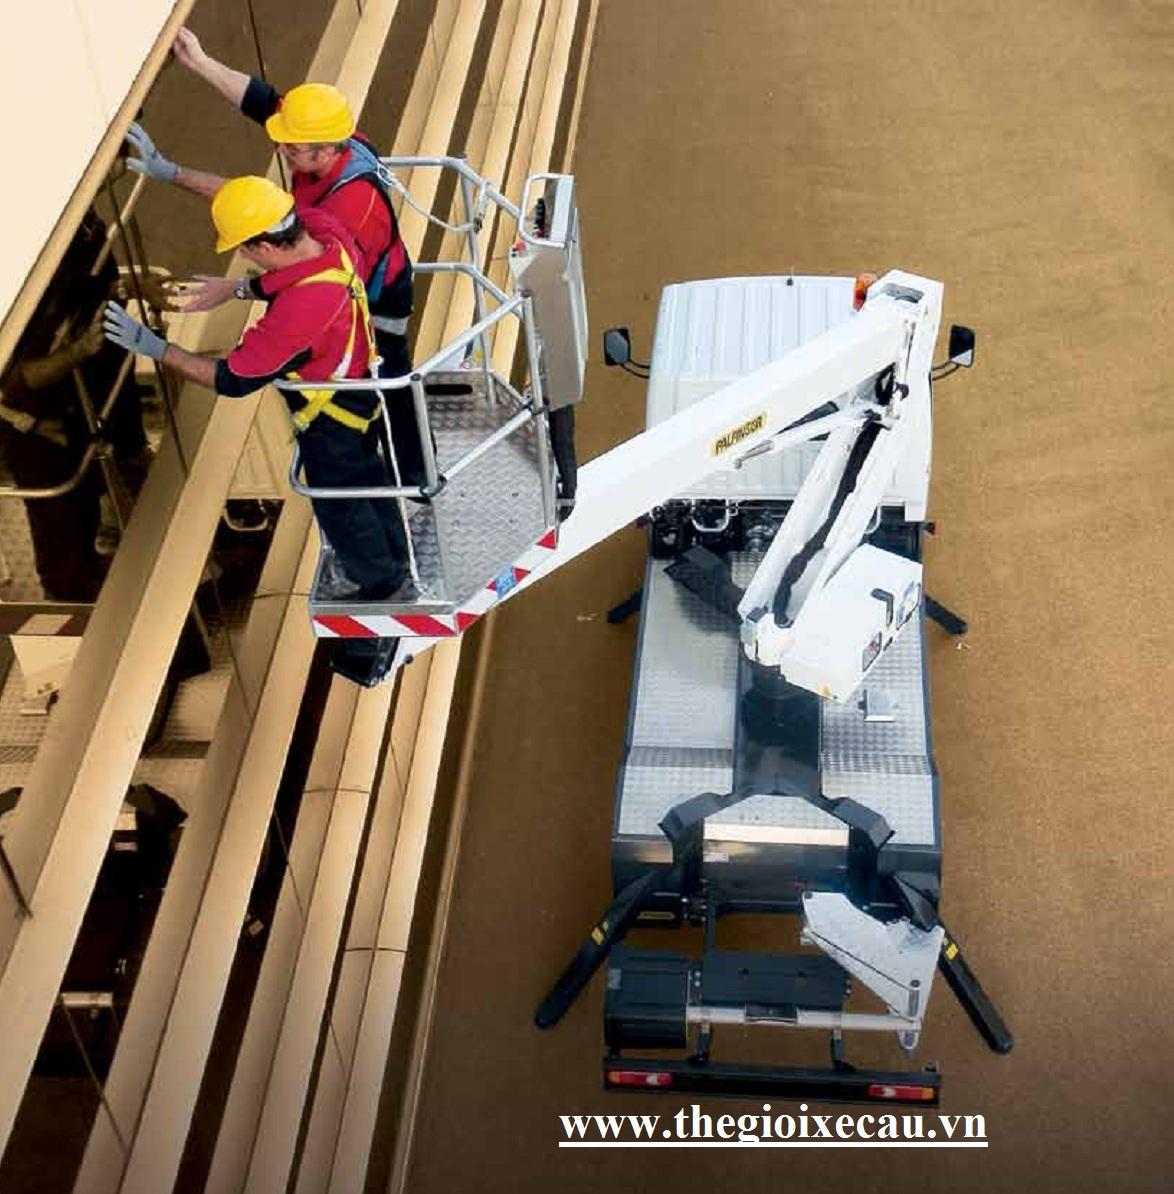 Bán xe nâng người sửa chữa điện trên cao